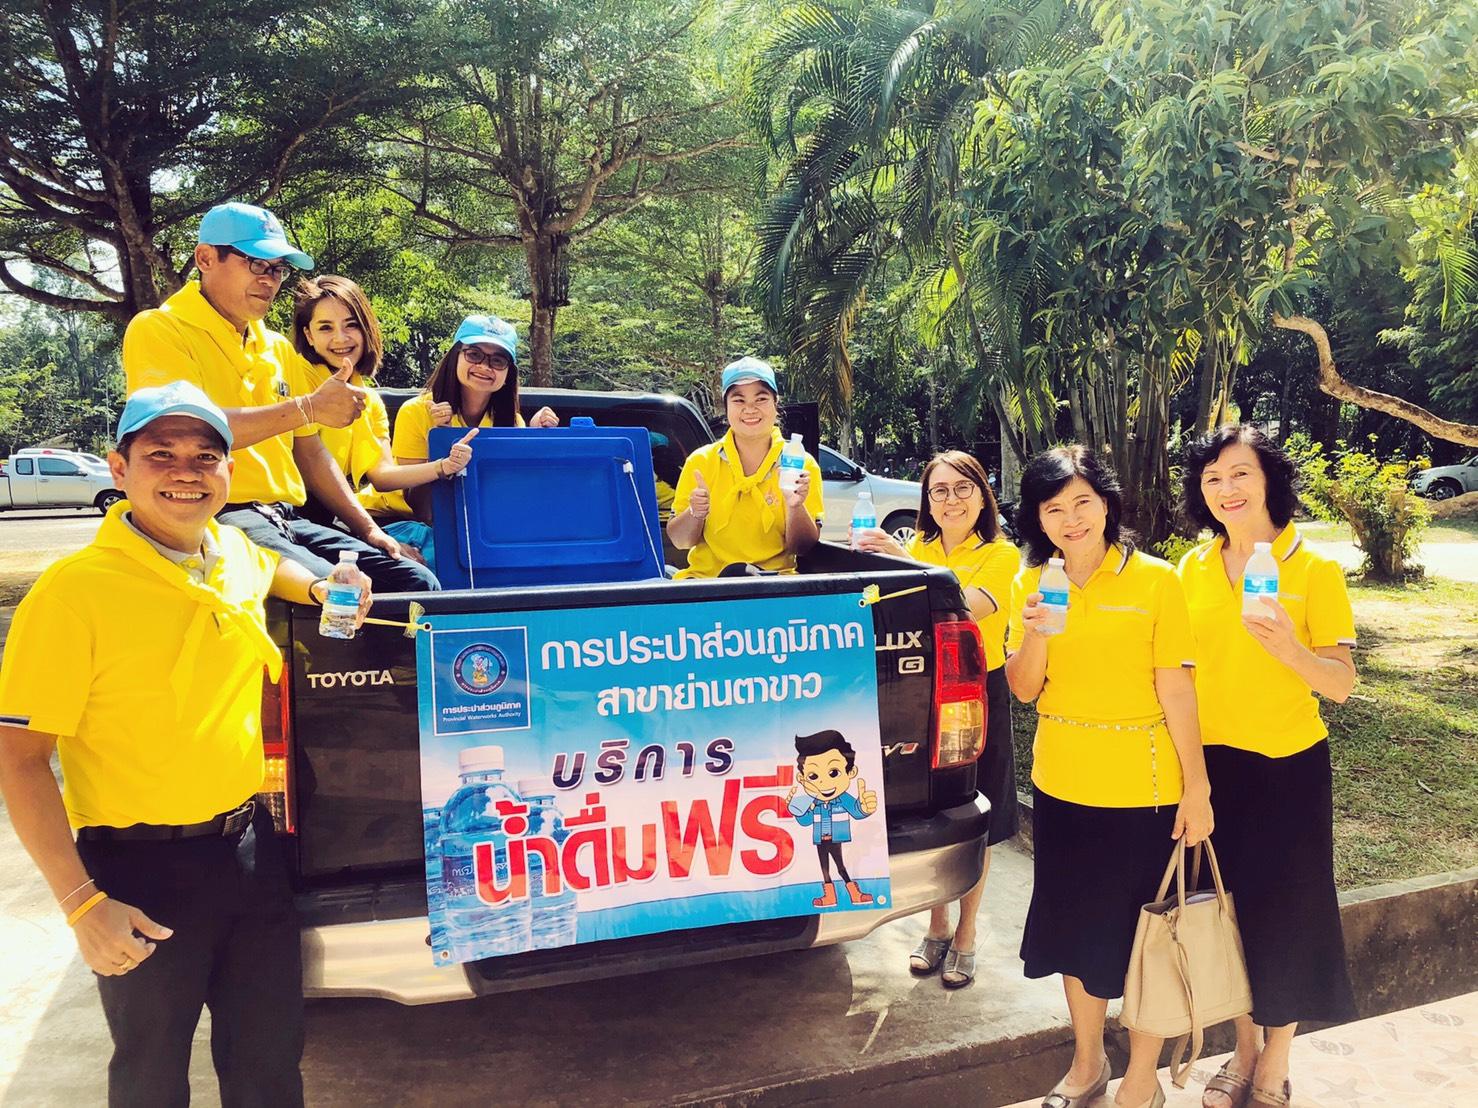 """กปภ.สาขาย่านตาขาว ร่วมสนับสนุนน้ำดื่มและร่วมกิจกรรม """"จิตอาสาพัฒนาในโอกาสวันสำคัญของชาติไทย เนื่องในวันพ่อขุนรามค"""